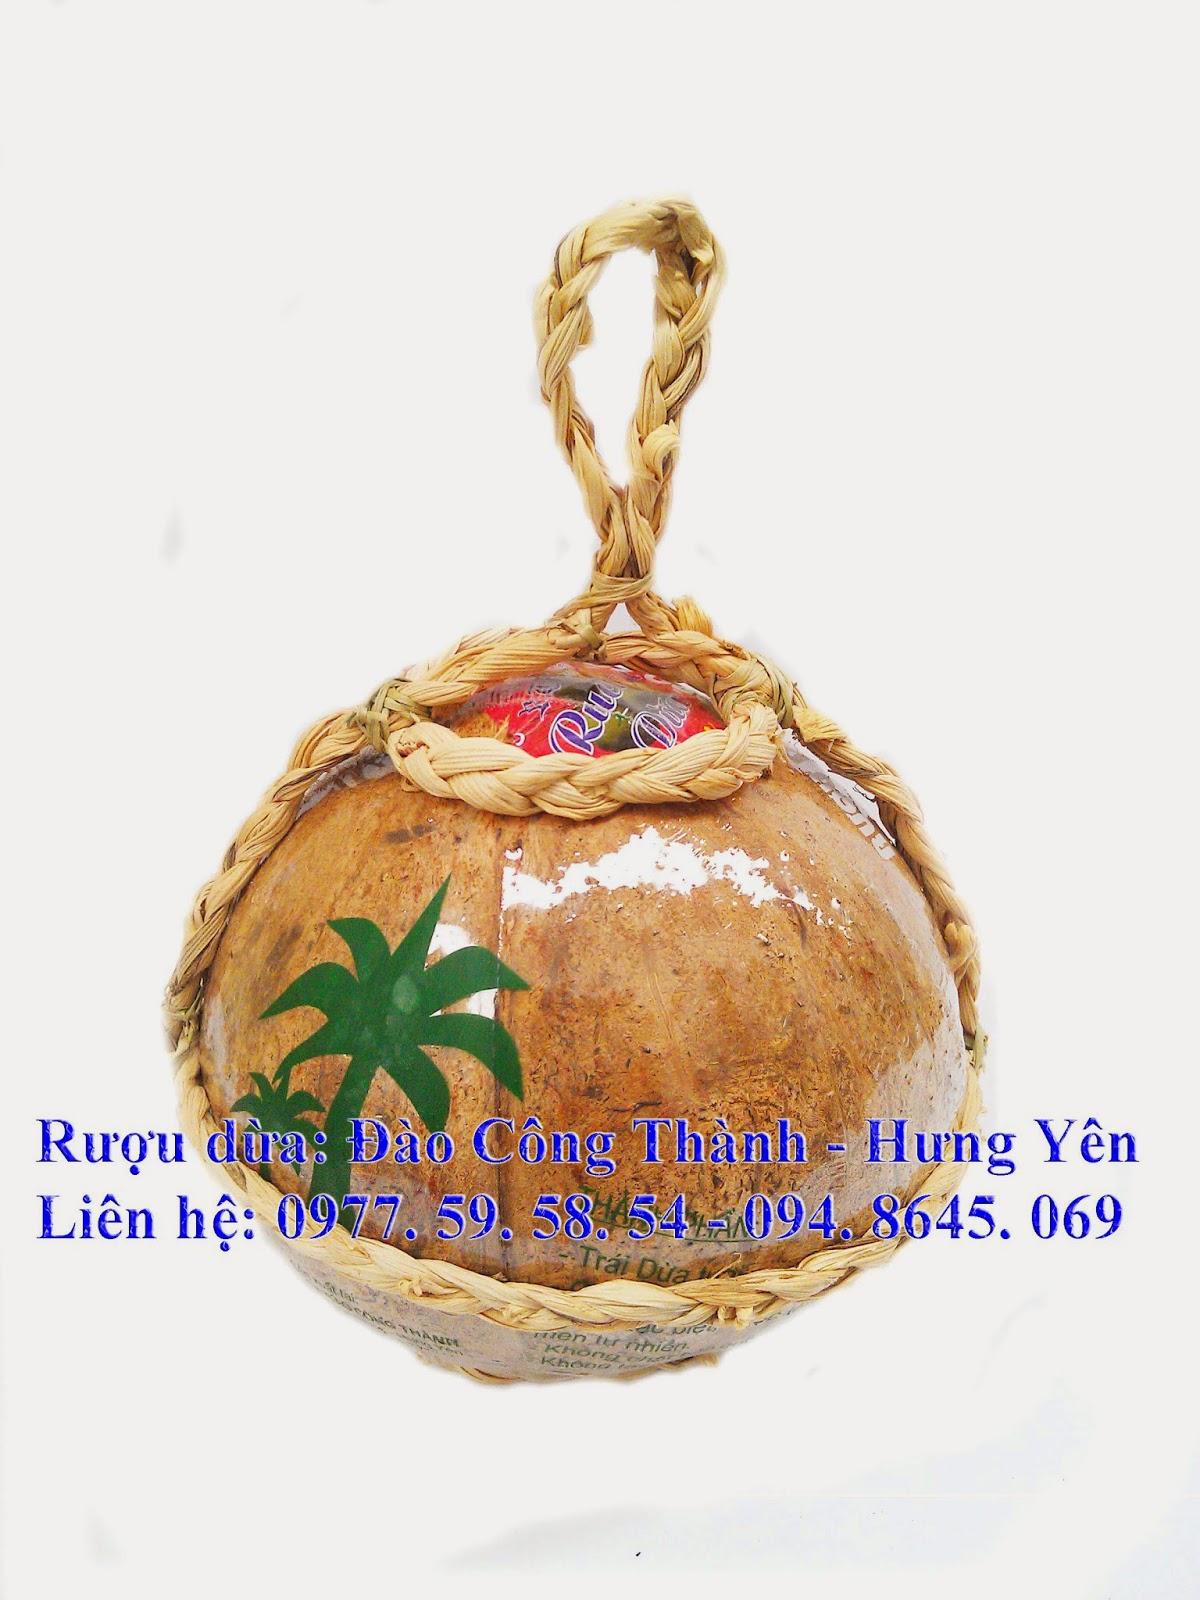 Rượu dừa Đào Công Thành Hưng Yên